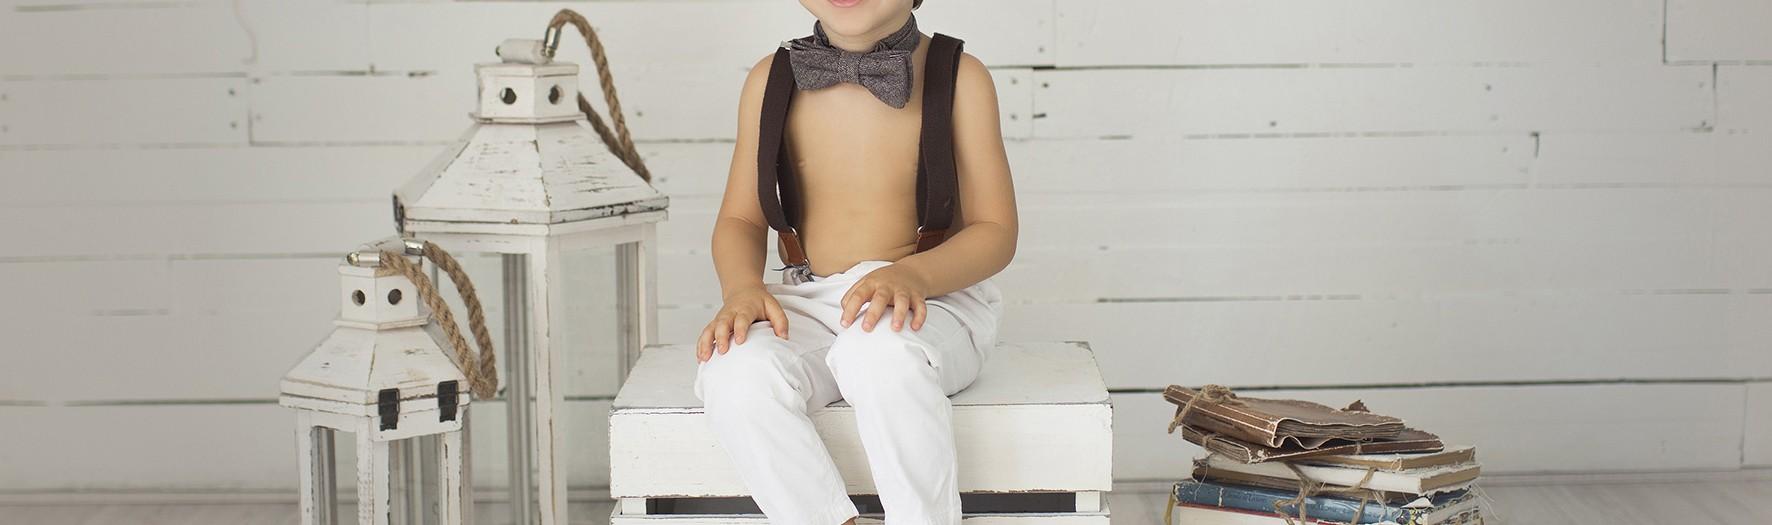 Fotos de niños de 3 años + Fotografía infantil en Murcia + Sergio.